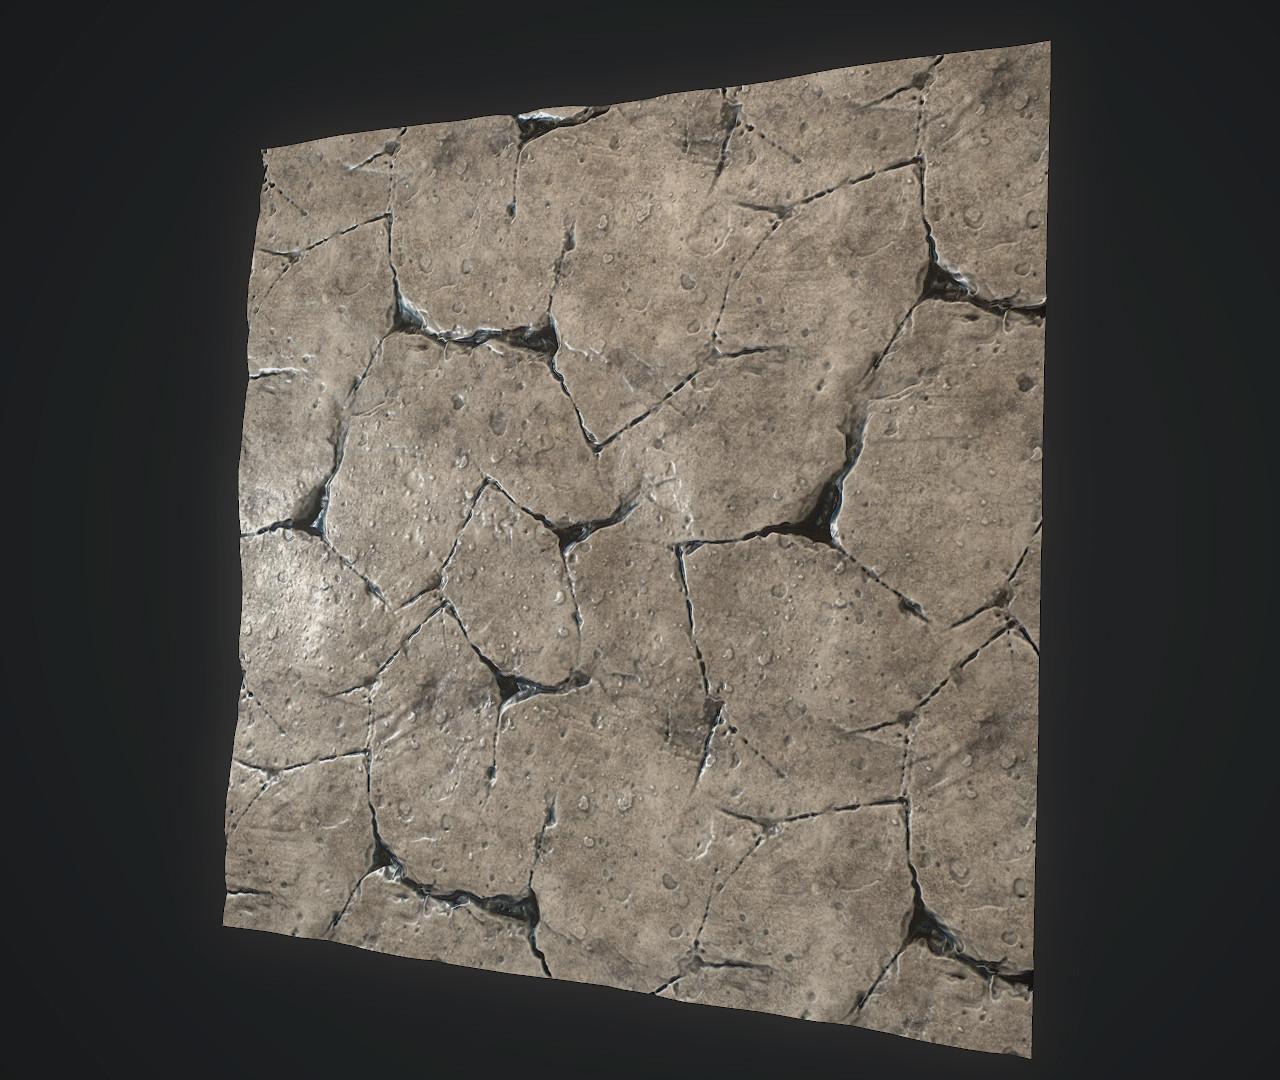 Pawel margacz cracks